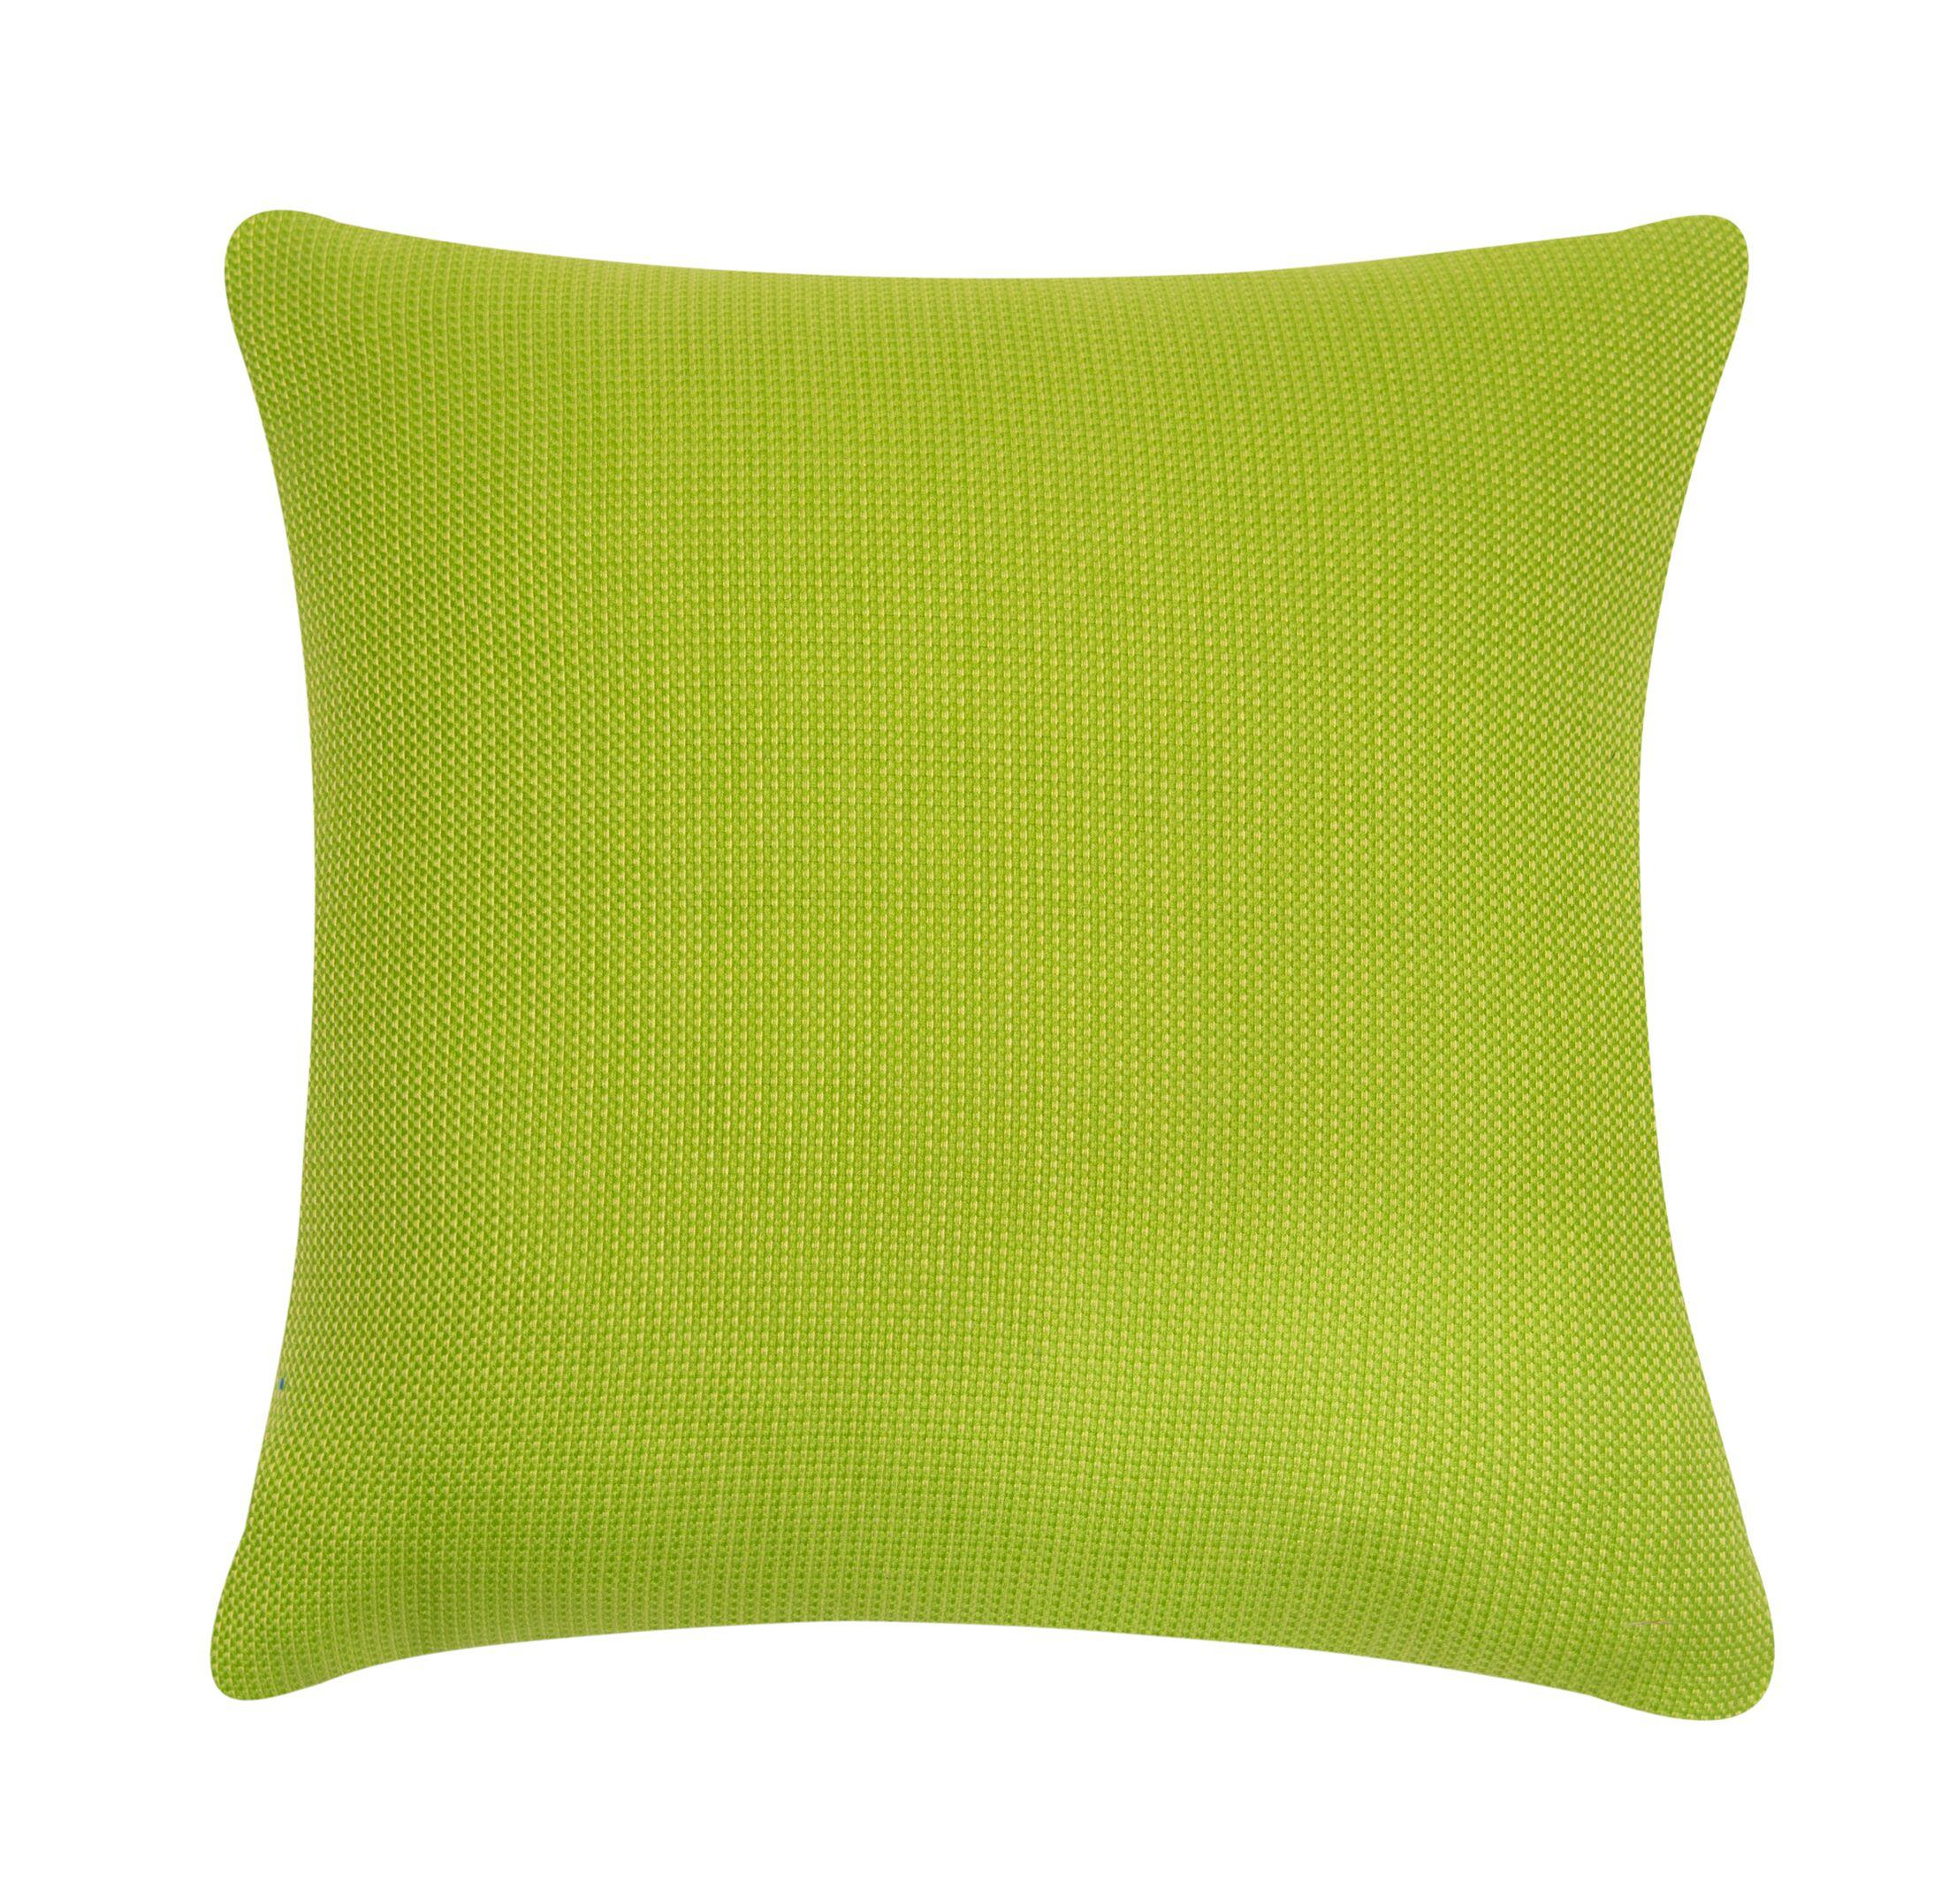 D�cor Alyssa Luvs Indoor/Outdoor Throw Pillow Size: 22